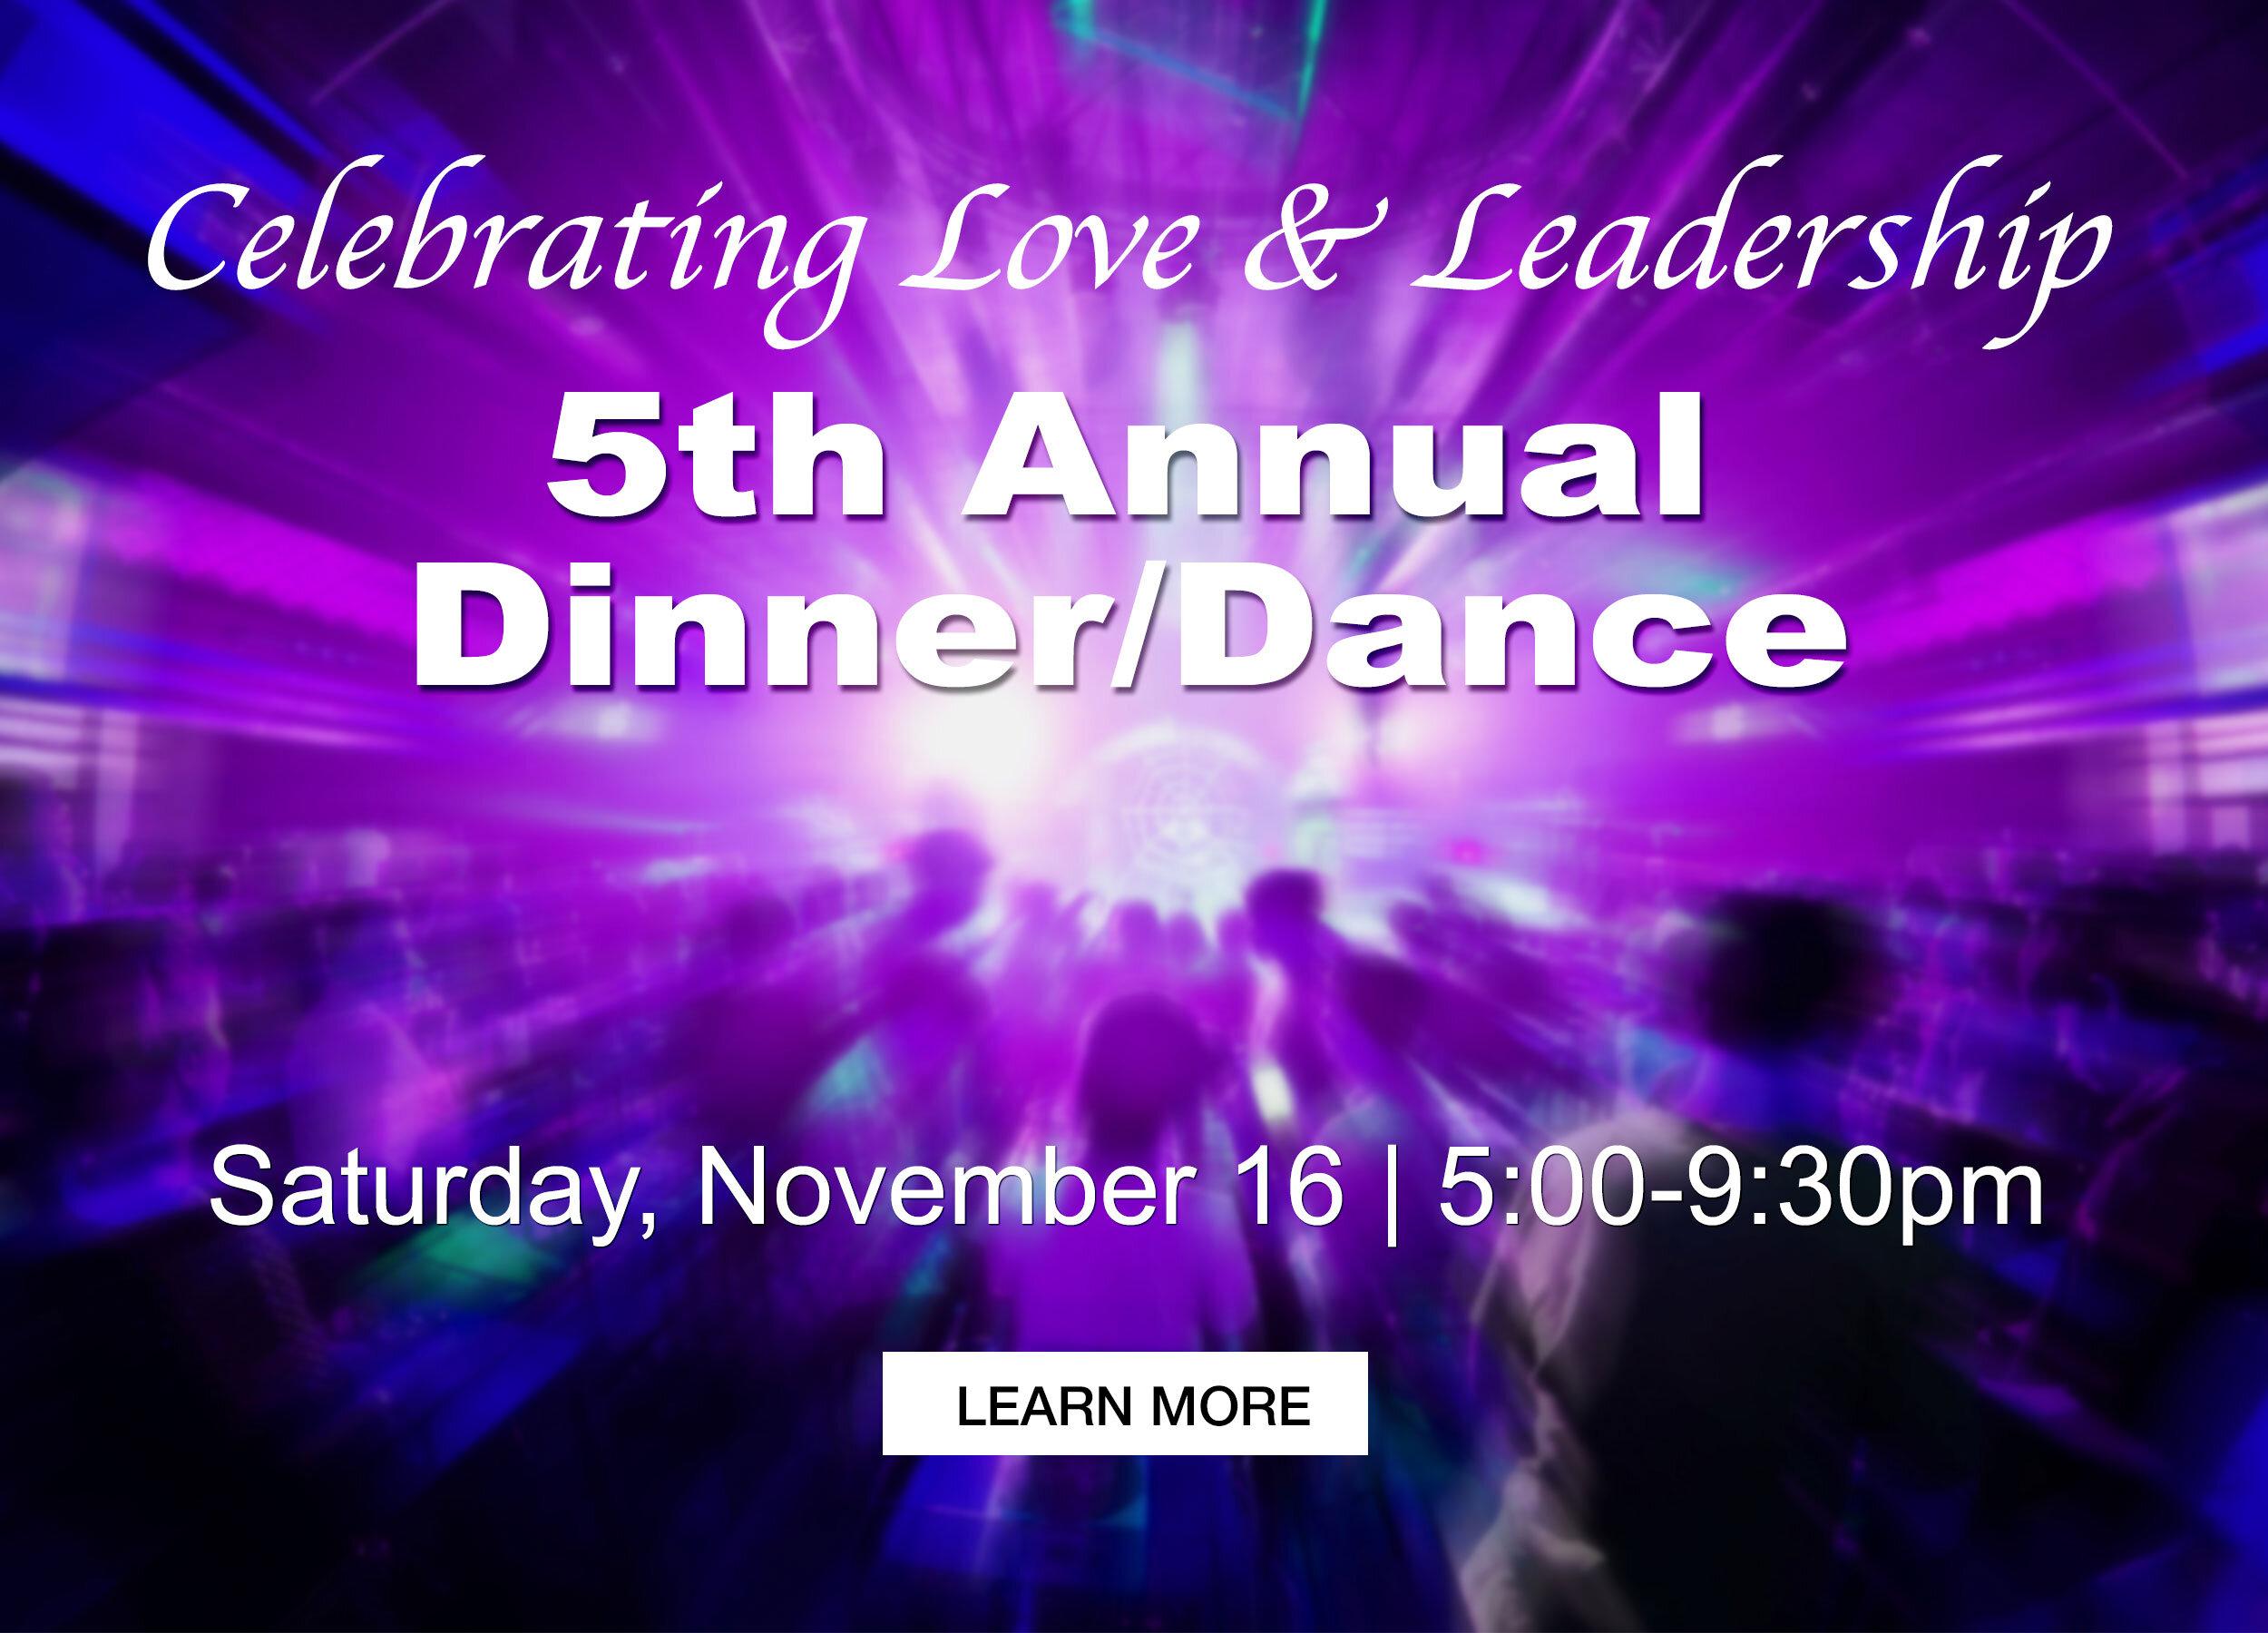 dinner-dance-panel-2.jpg